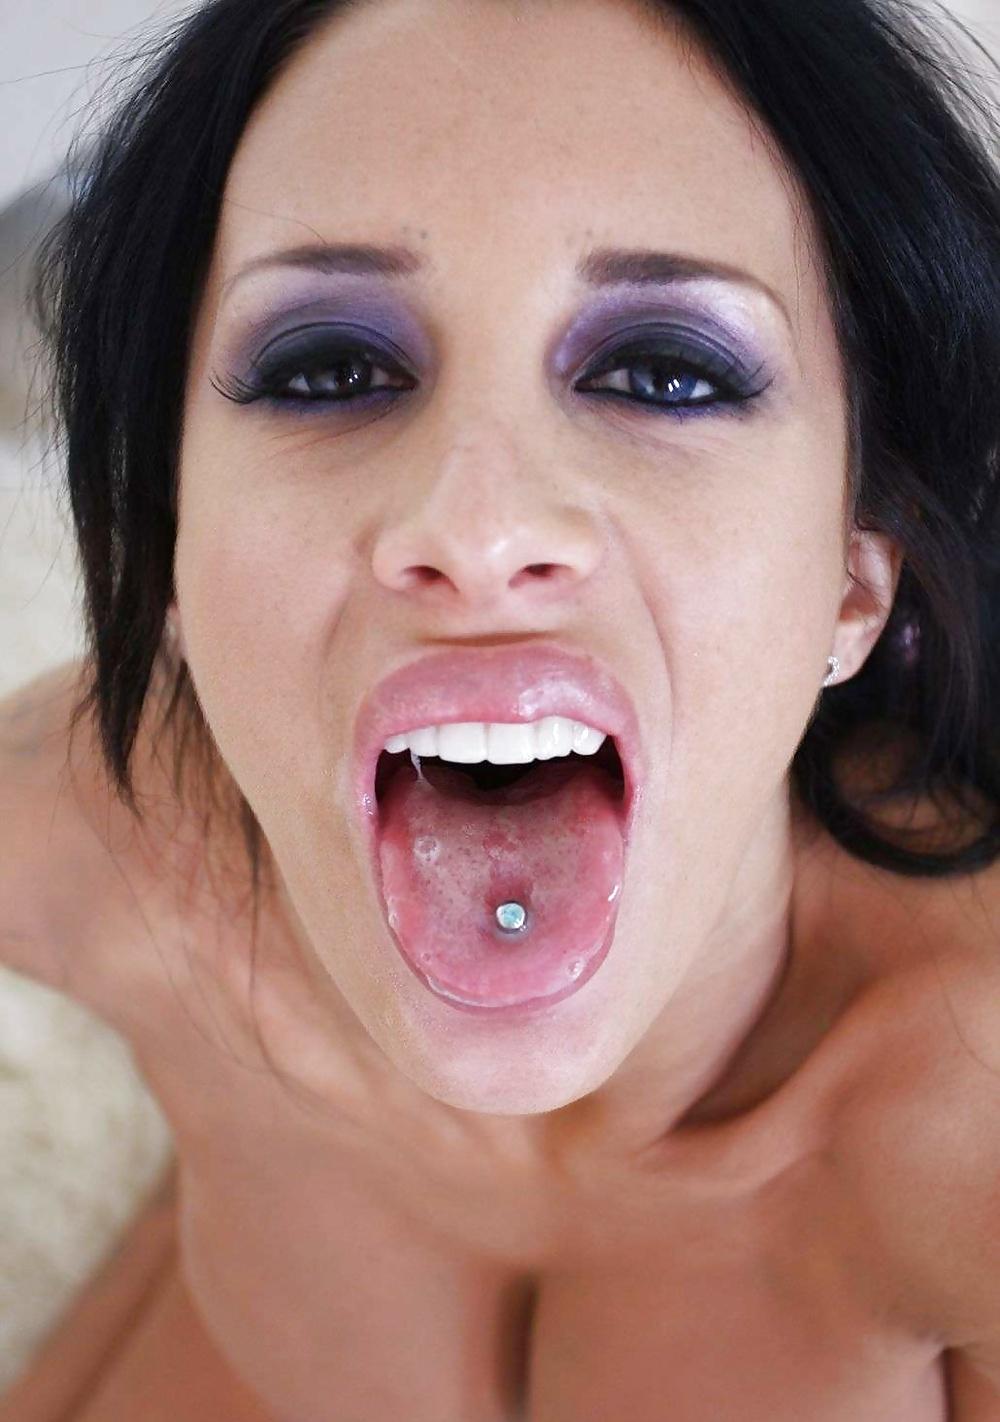 Mya nichole deepthroat